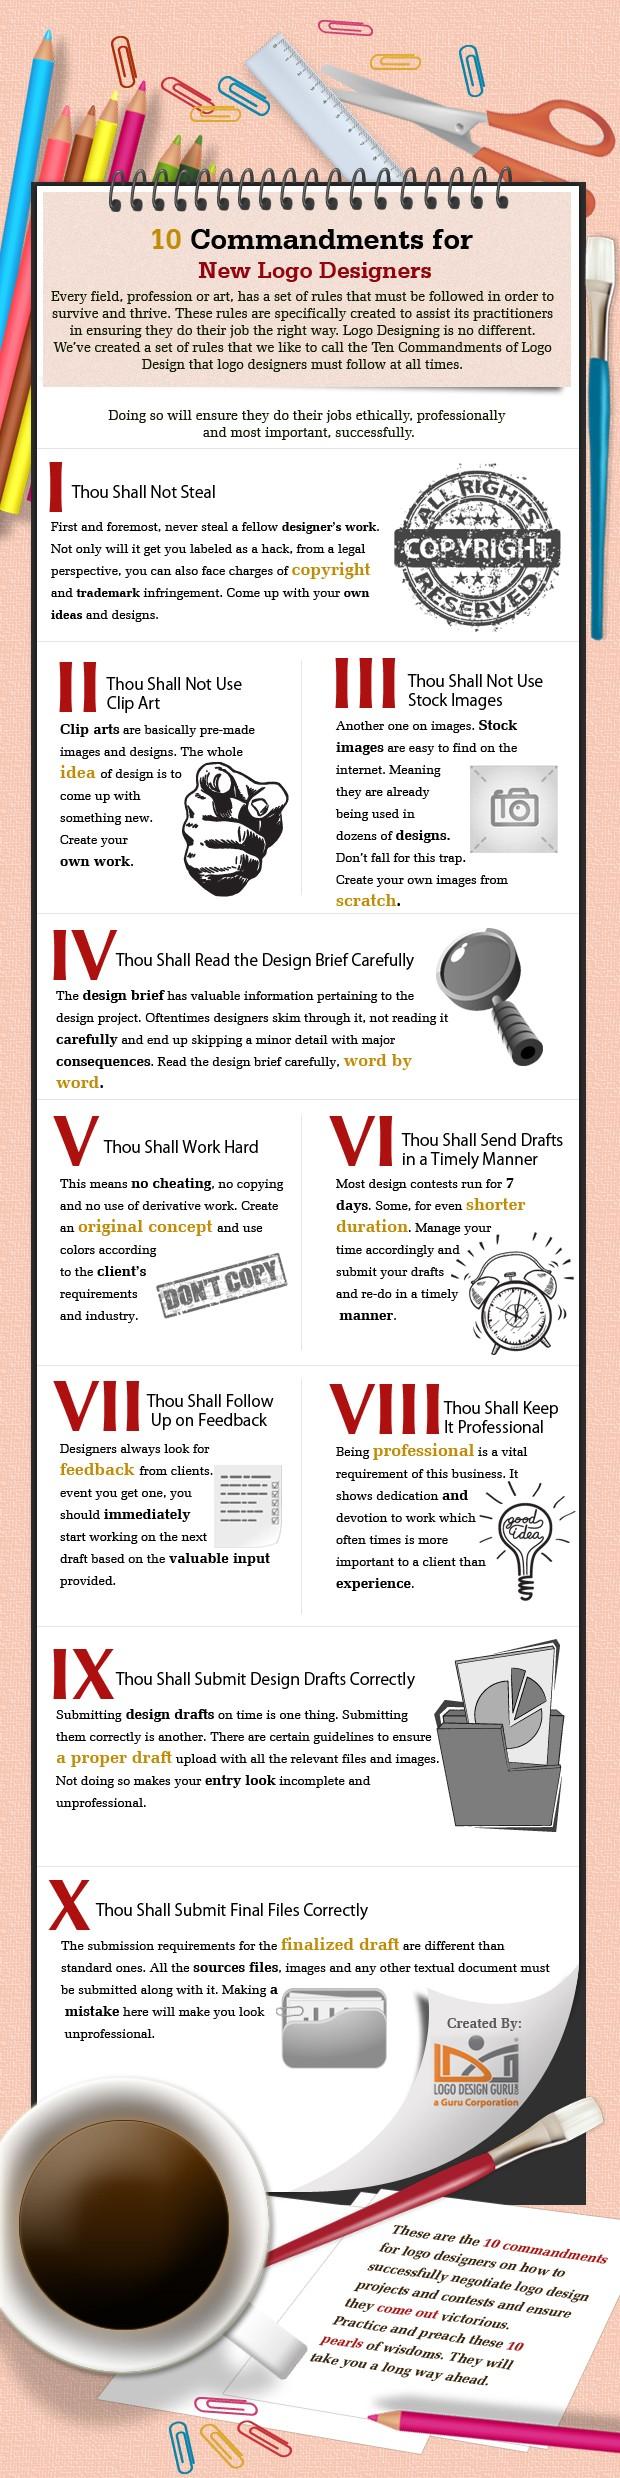 Los 10 mandamientos del diseño de un logo